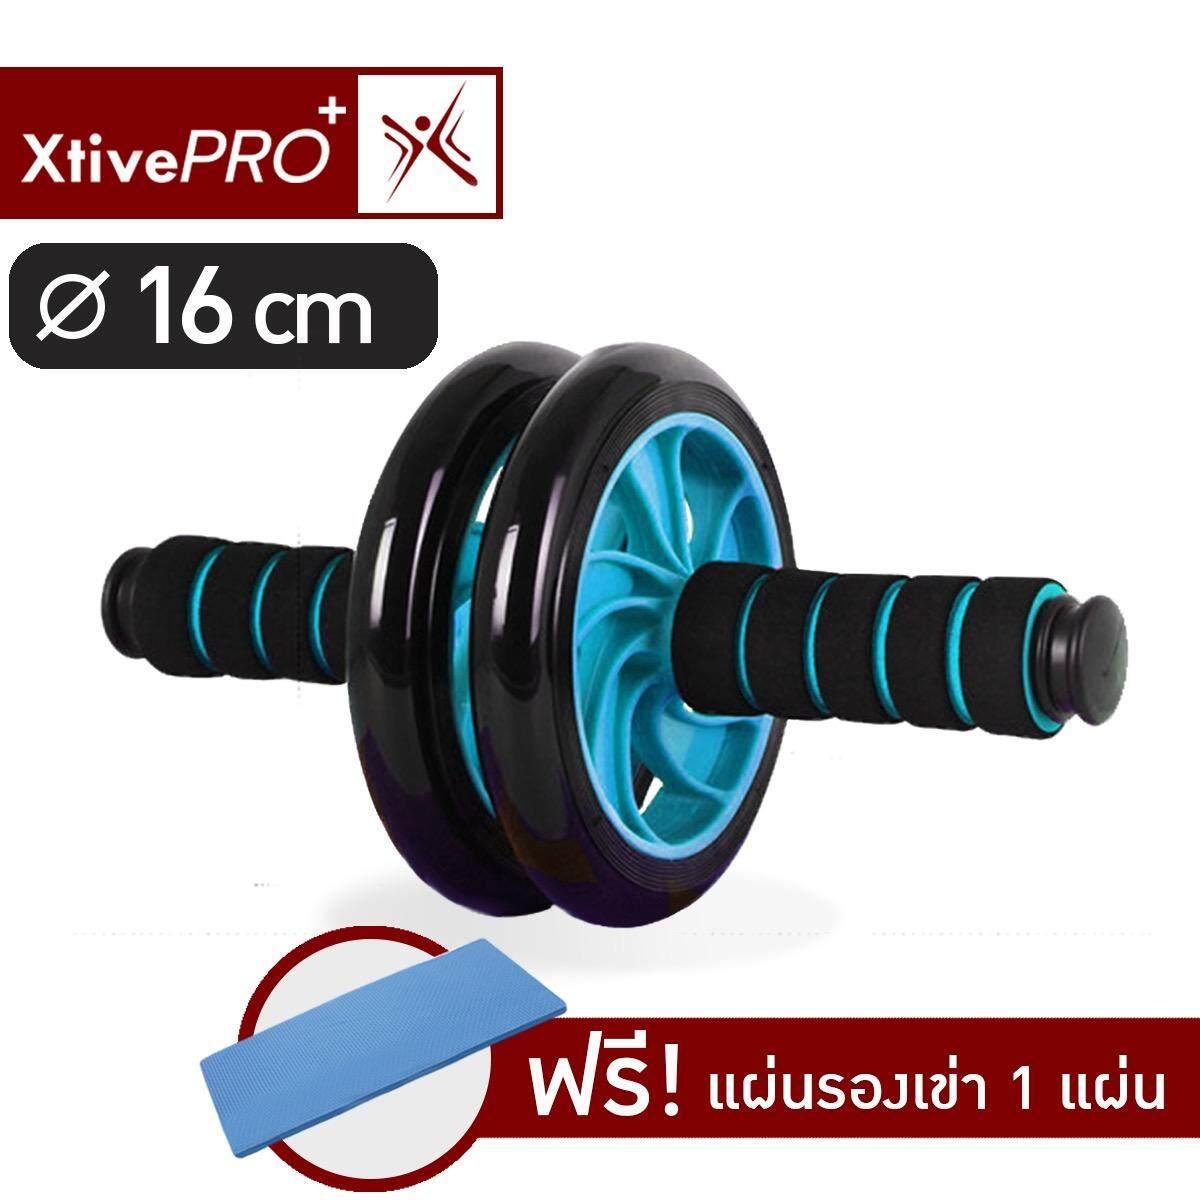 ส่วนลด Xtivepro Starter Wheel 16 Cm Blue ลูกกลิ้งบริหารหน้าท้อง Ab Wheel แบบล้อคู่ สีฟ้า Thailand